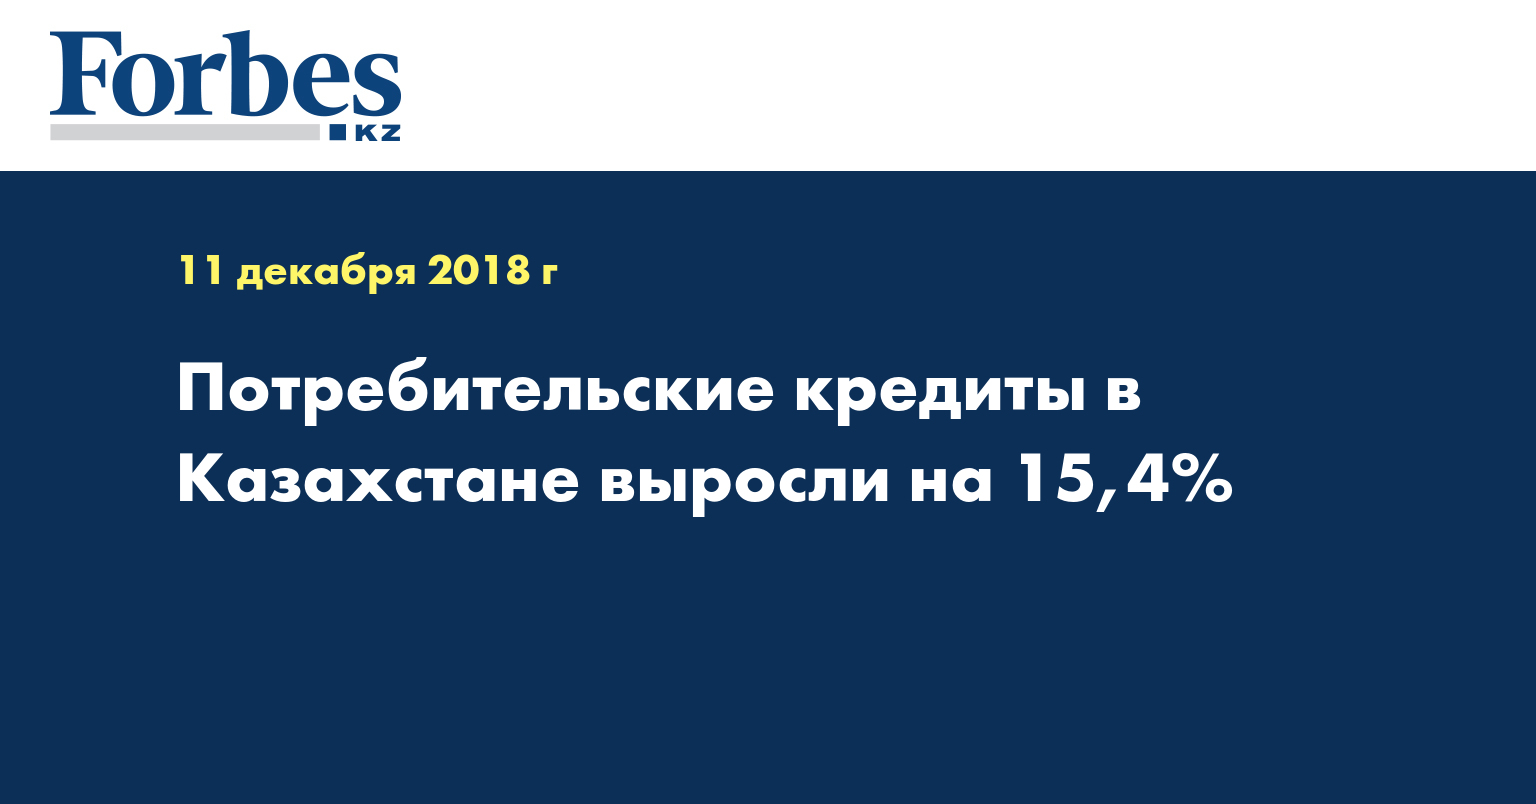 Потребительские кредиты в Казахстане выросли на 15,4%